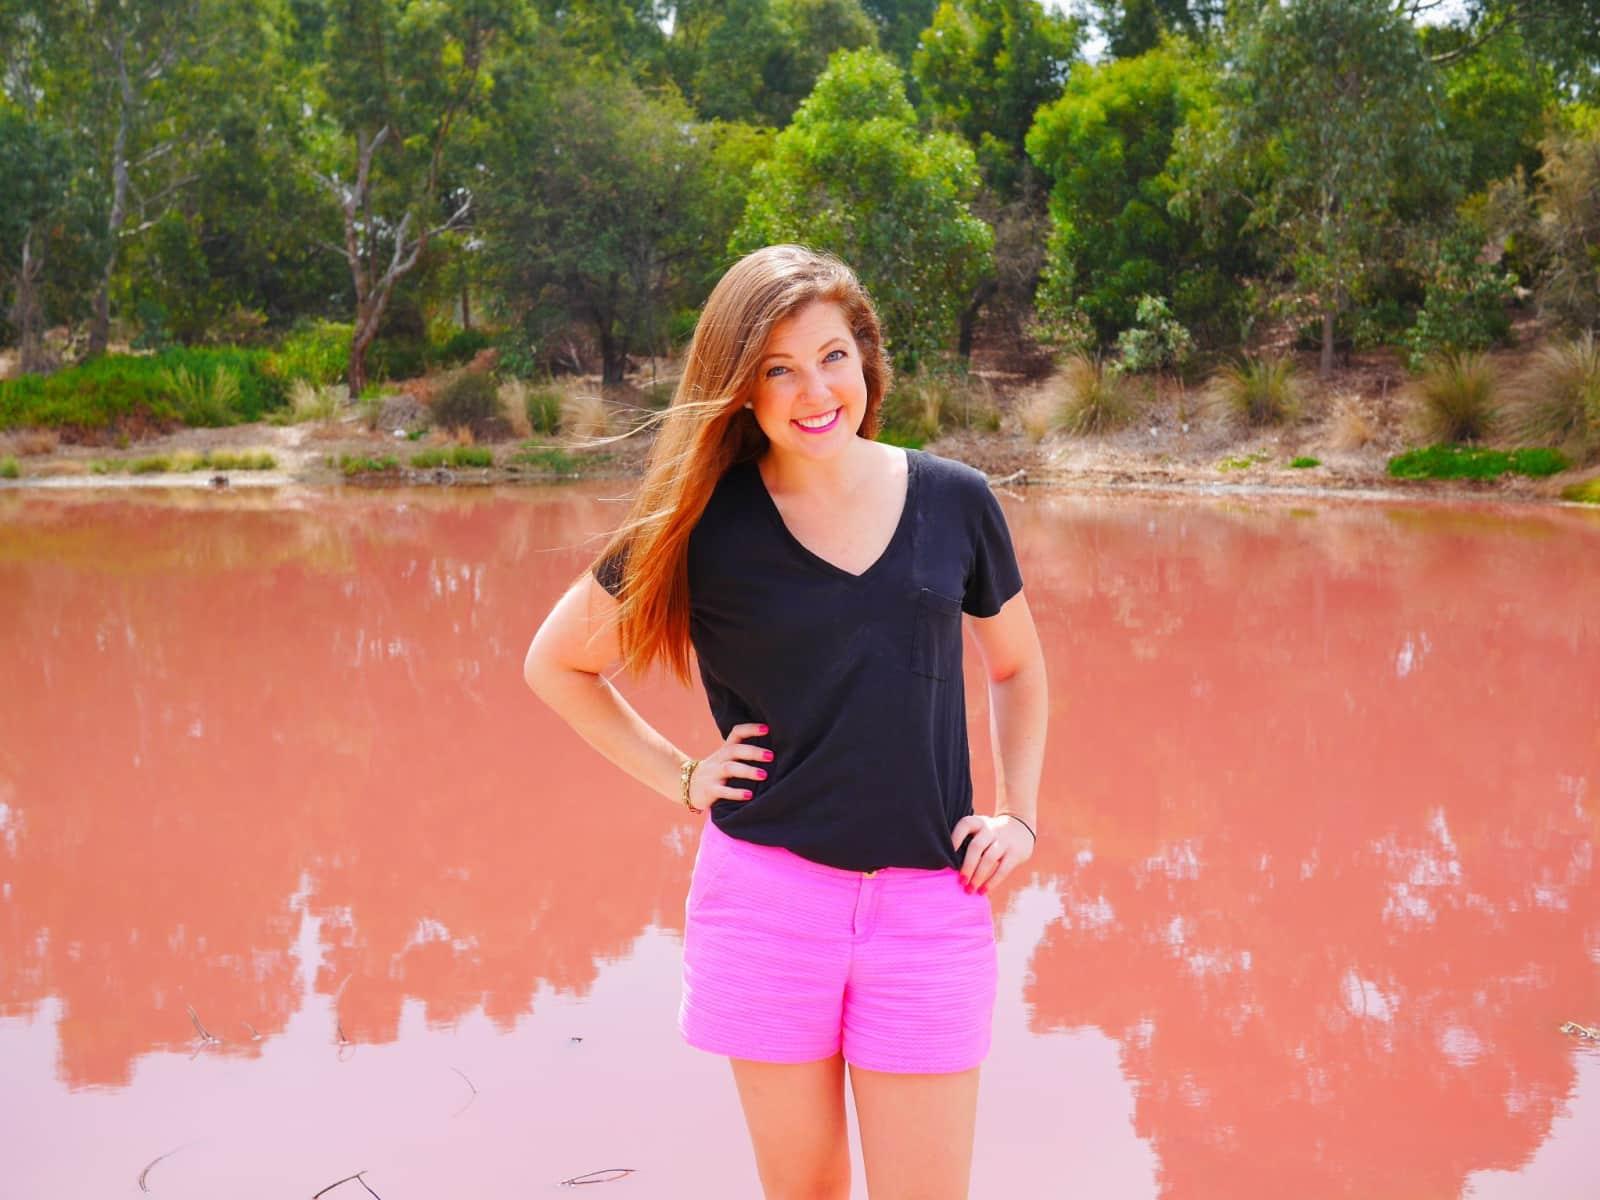 Brittany from Melbourne, Victoria, Australia